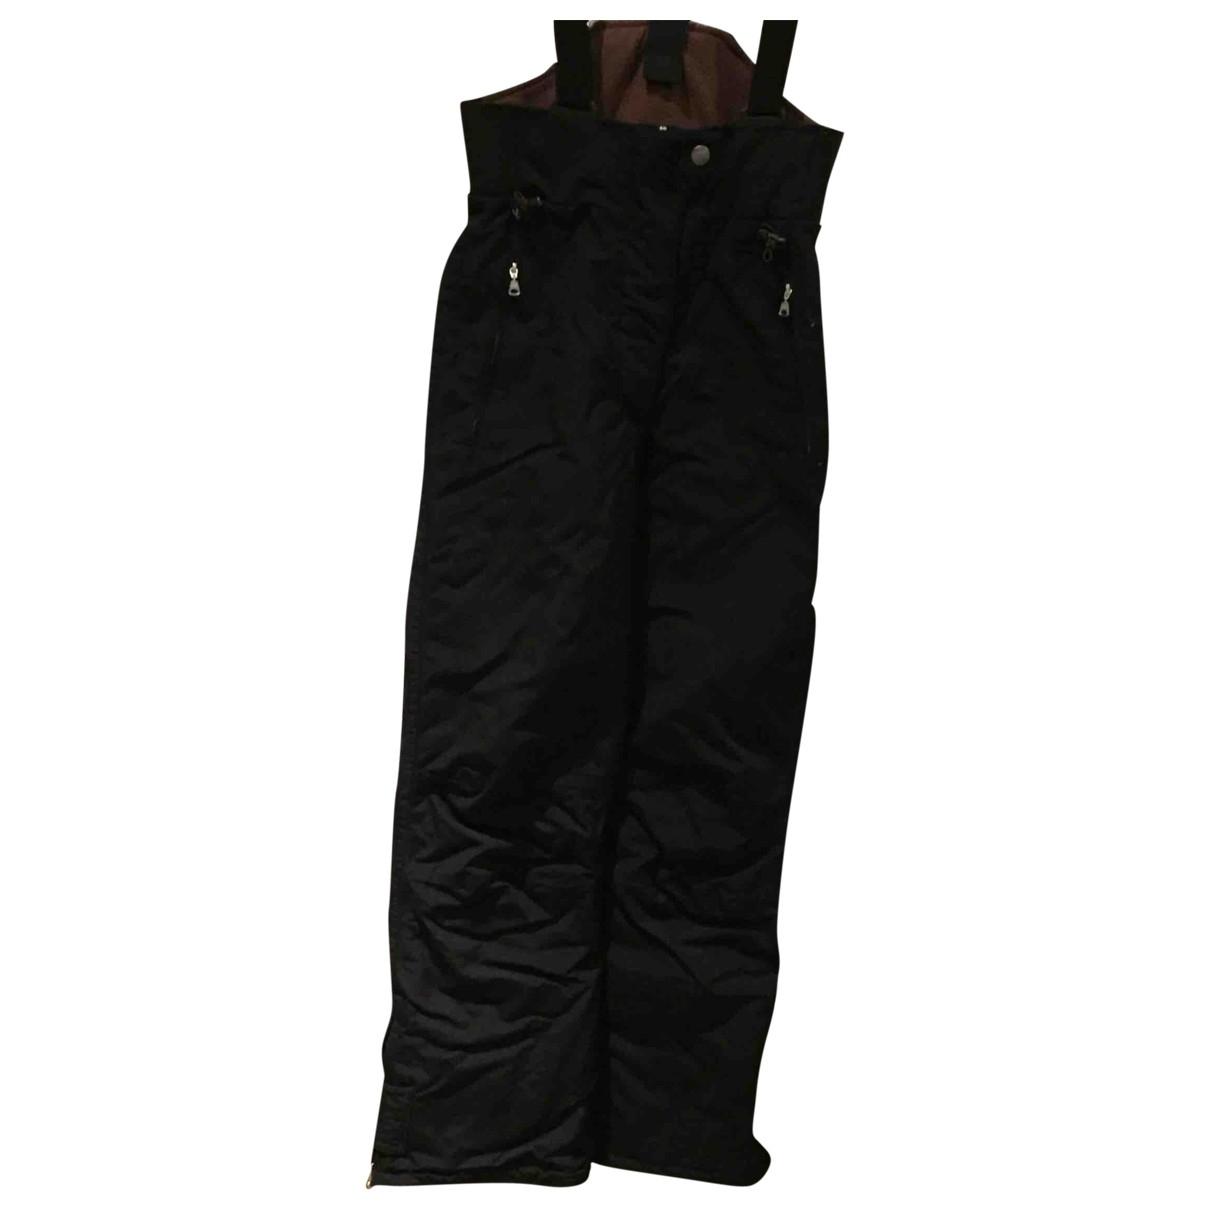 Napapijri - Pantalon   pour femme en toile - noir